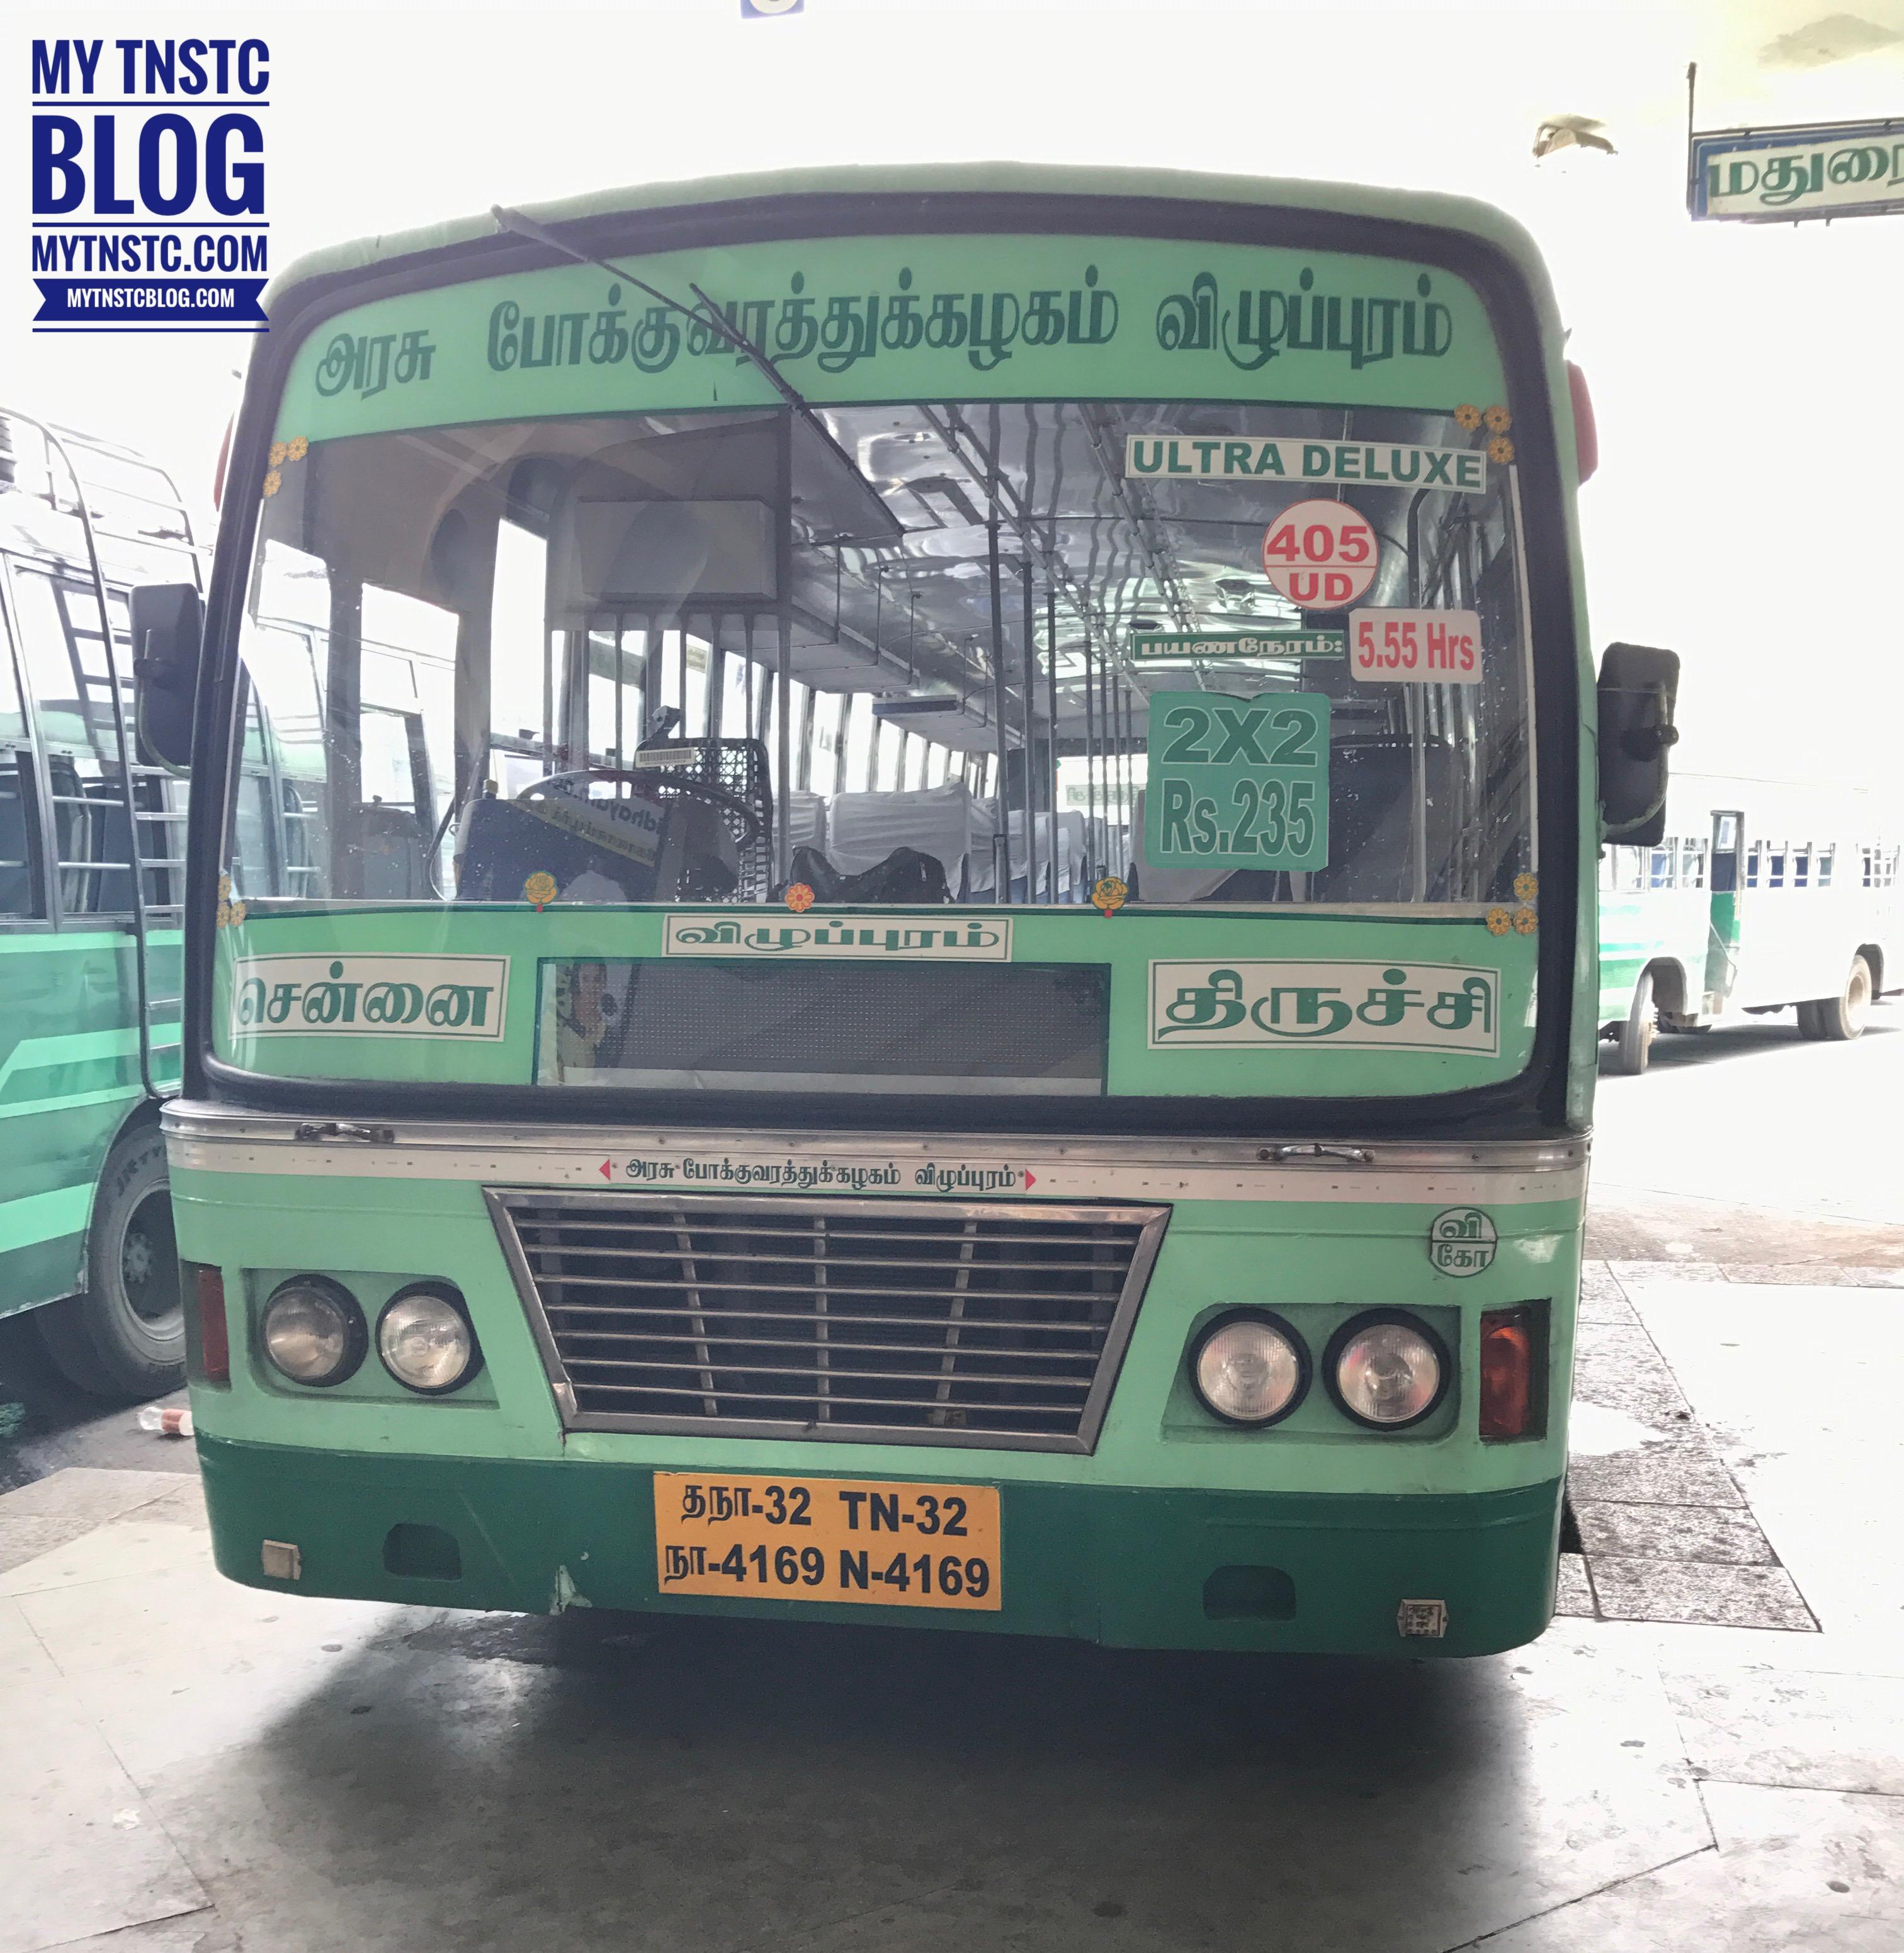 Chennai To Trichy TNSTC Bus Timings